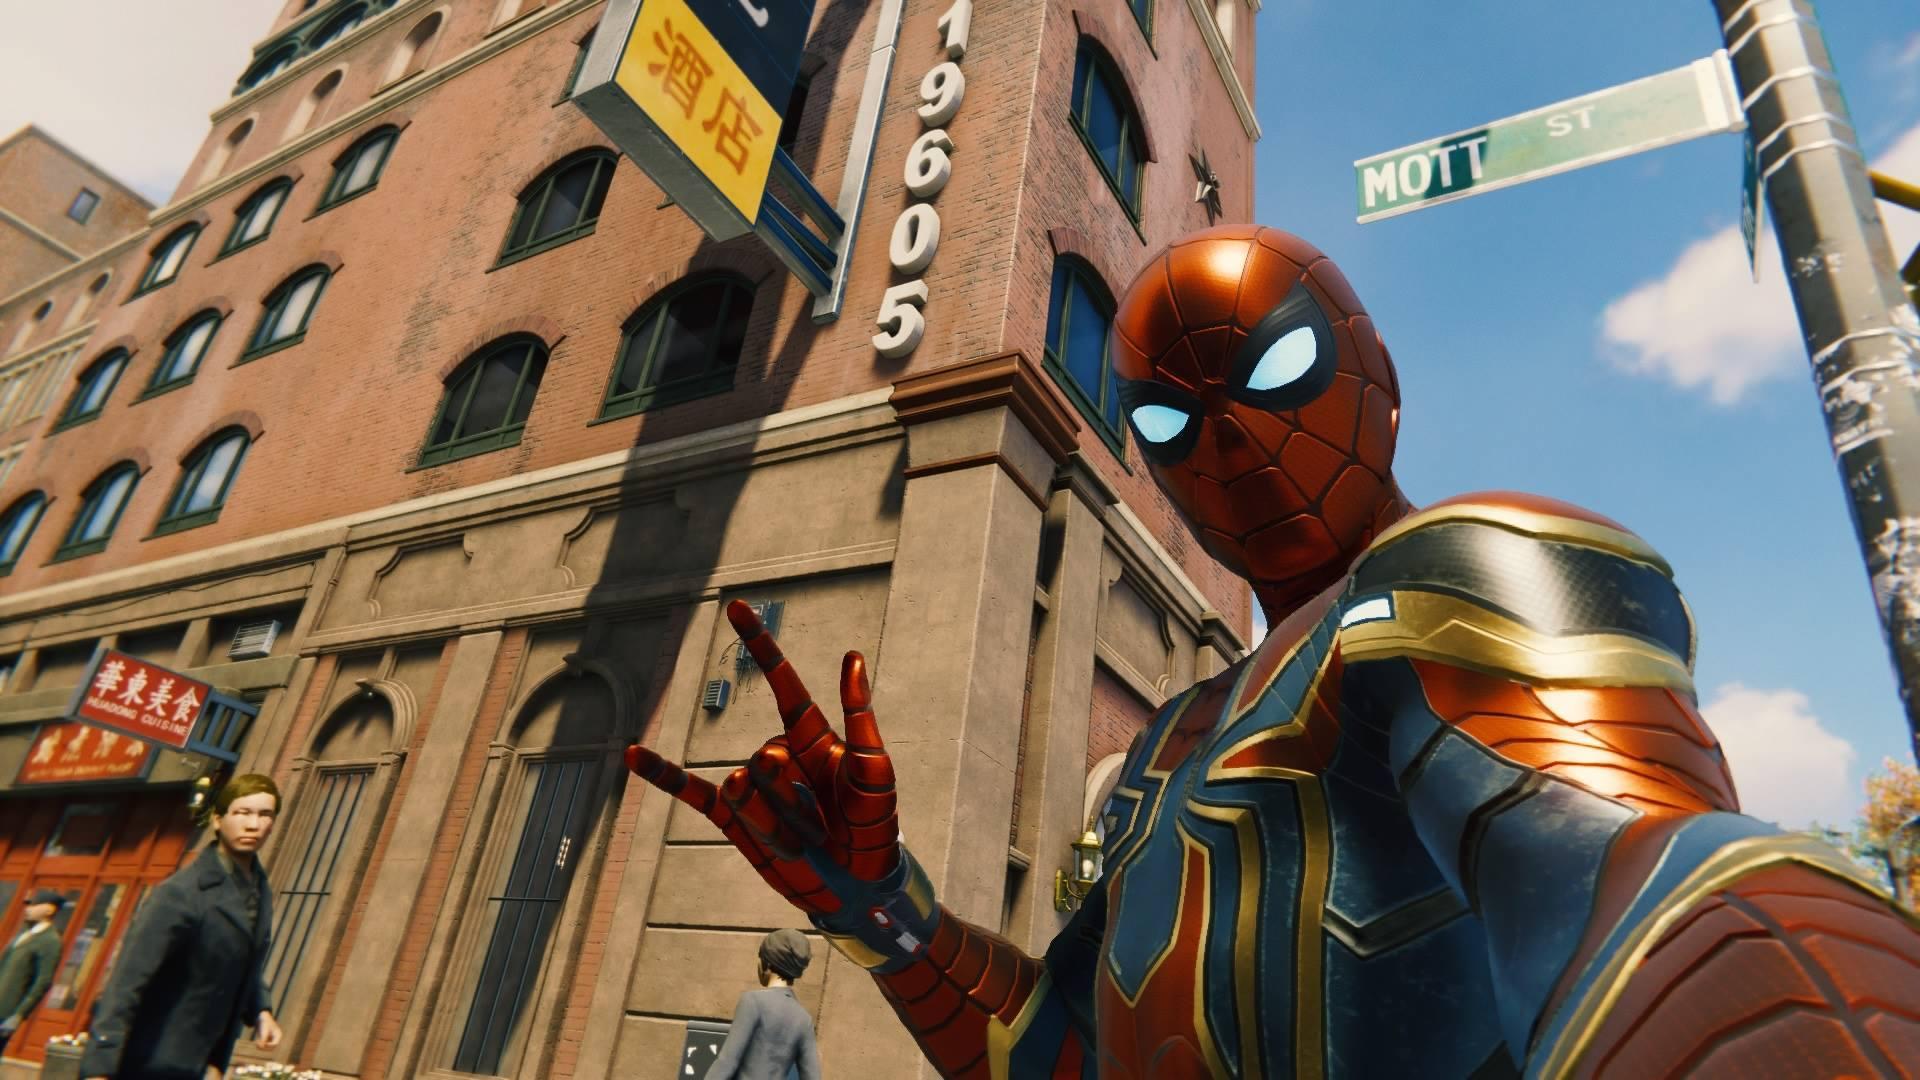 Spider-Man selfie.